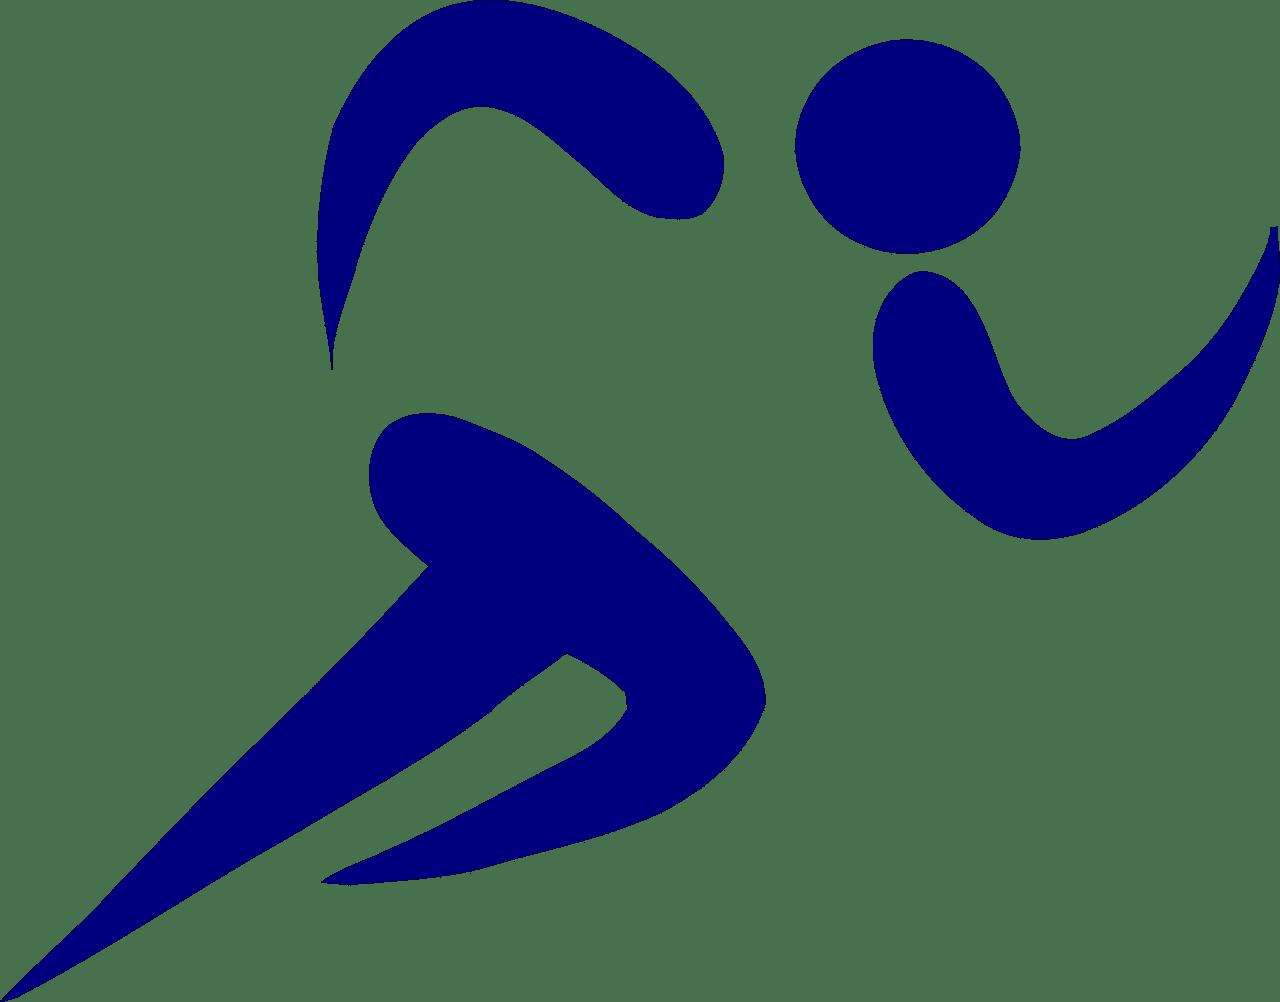 Symbolic image of athlete running